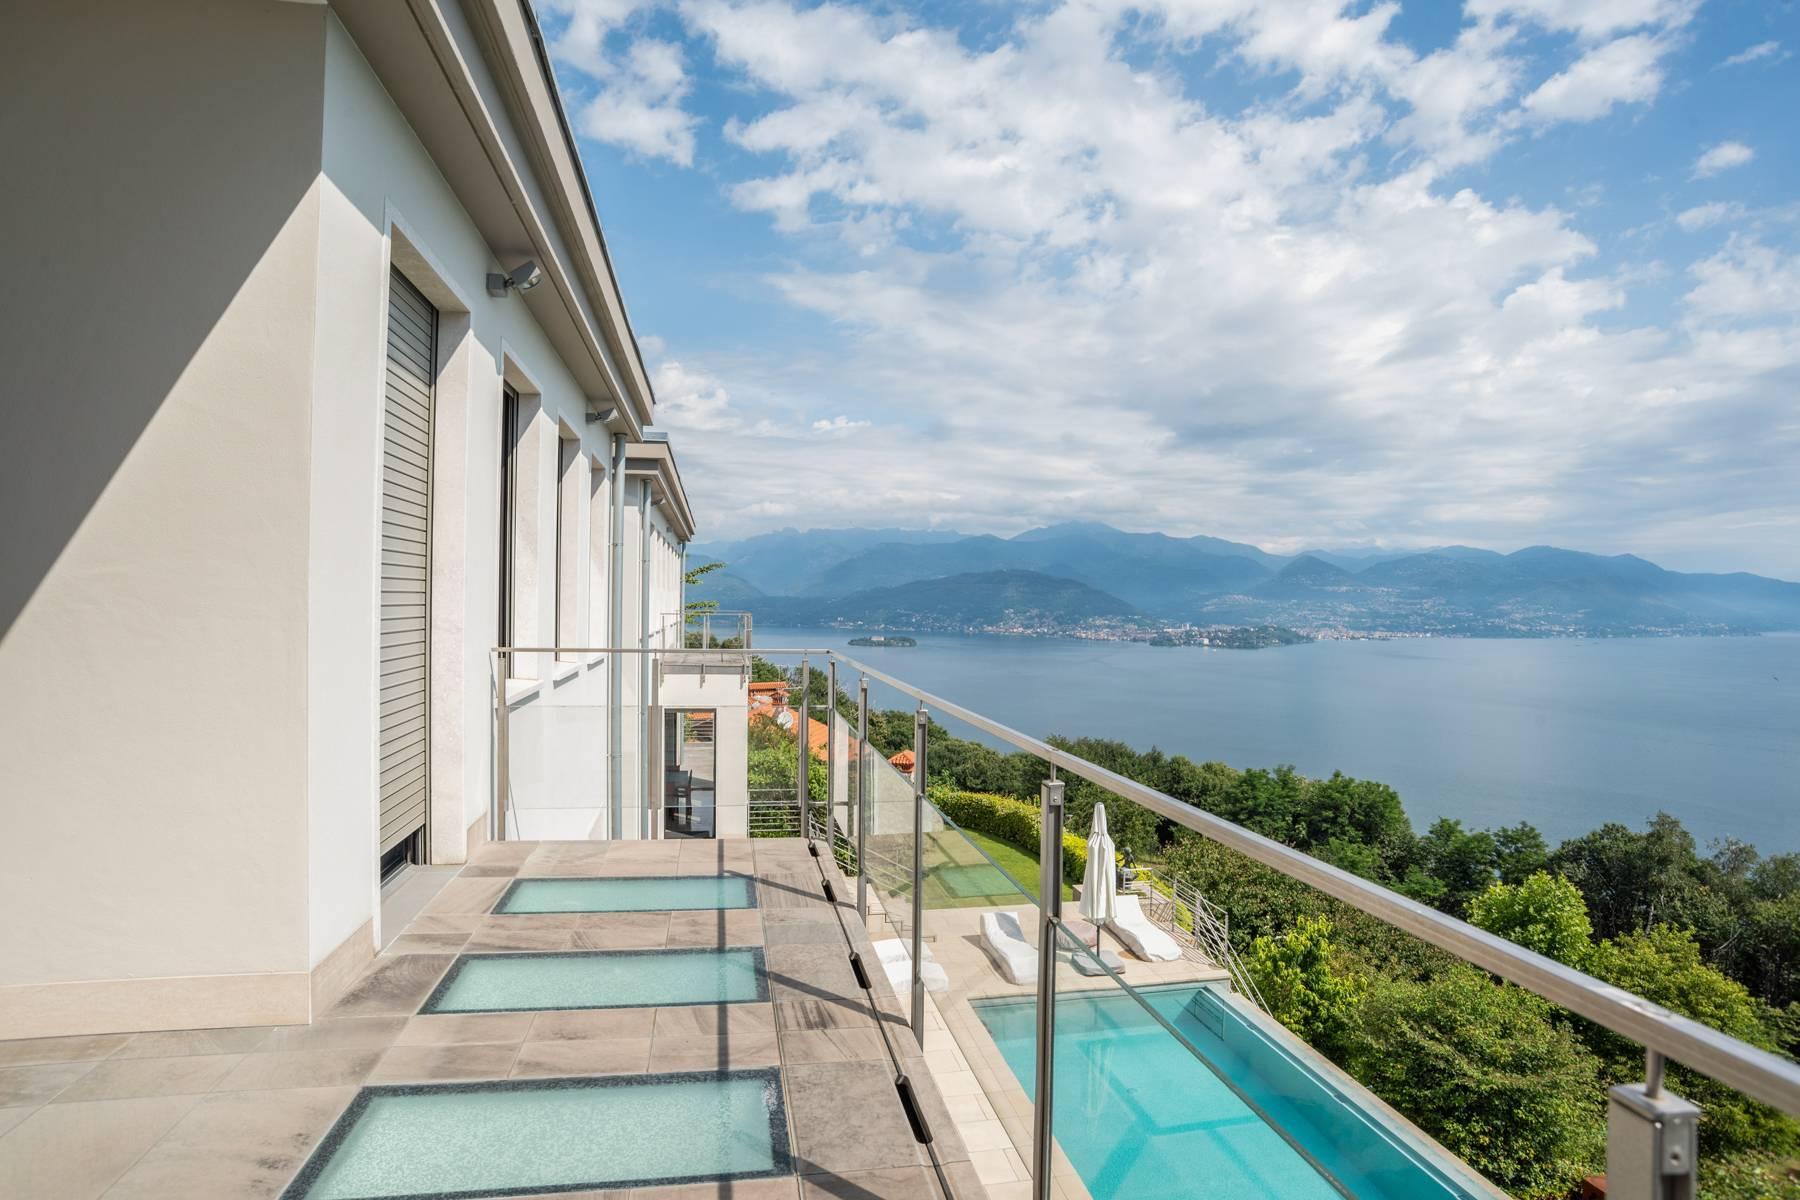 Fabulous Villa on the hills of Stresa - 19